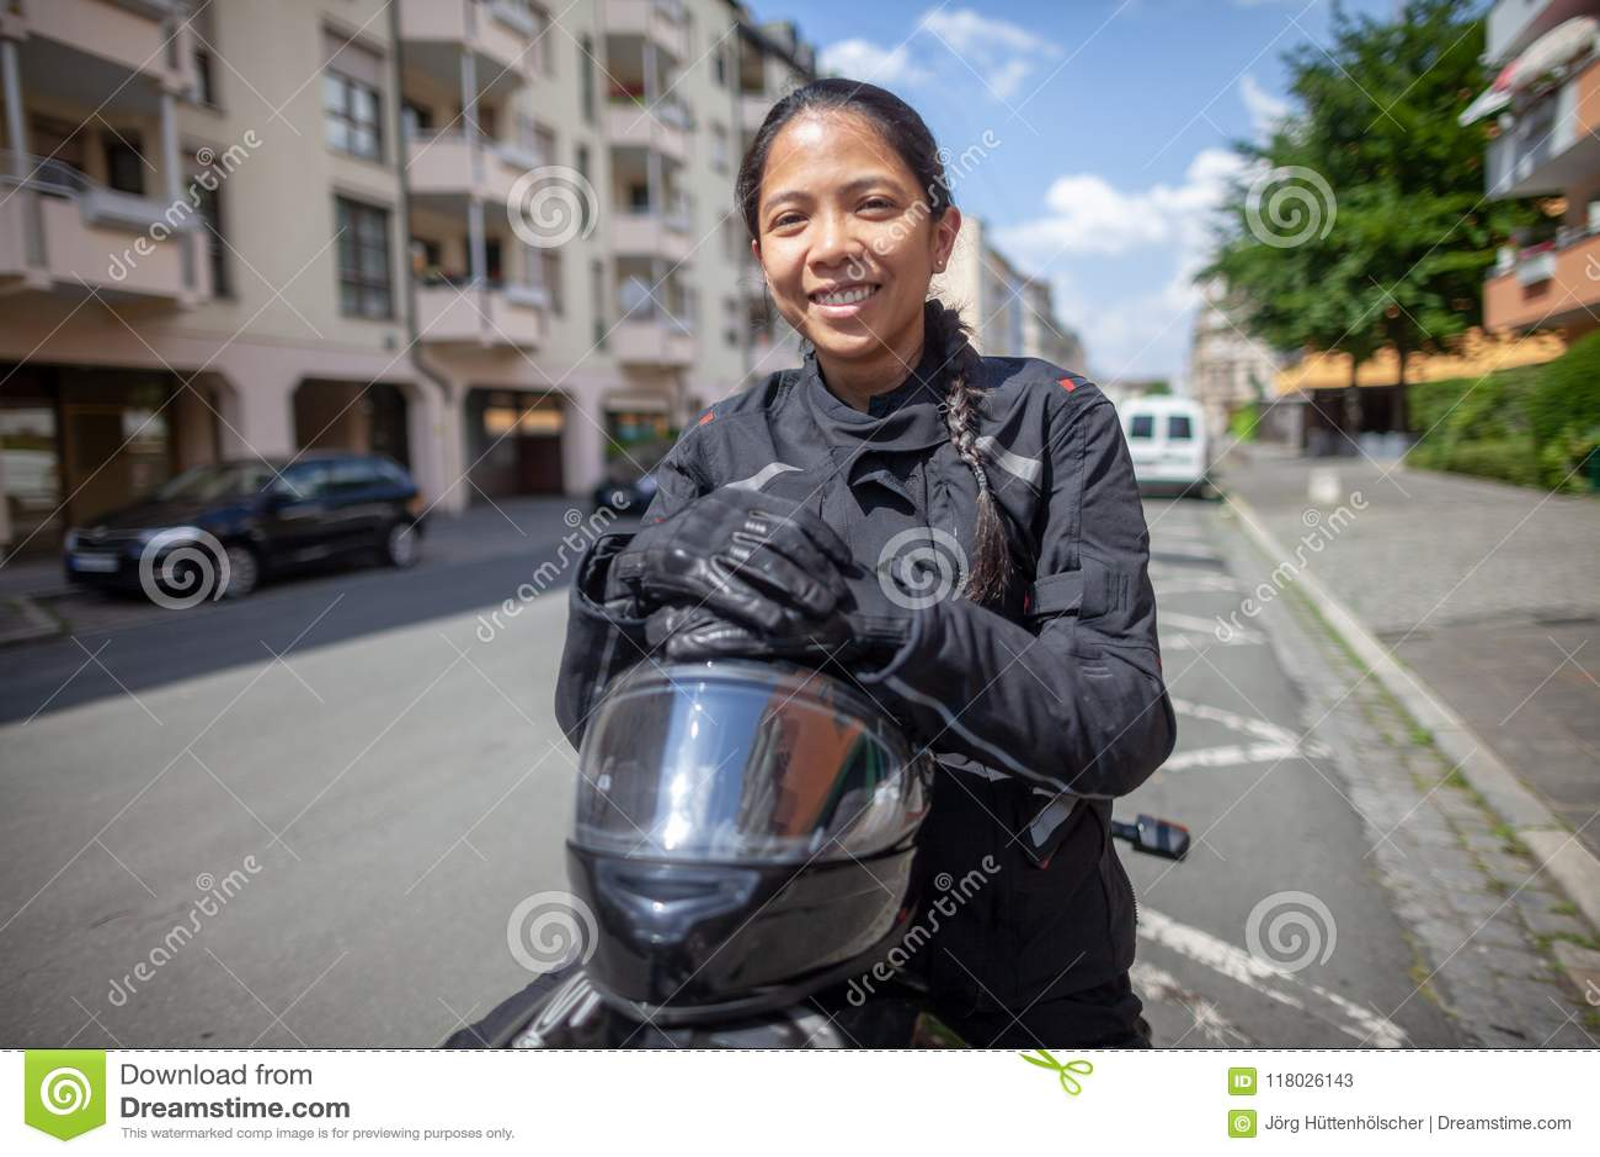 Kobieta z czarnym hełmem na motocyklu